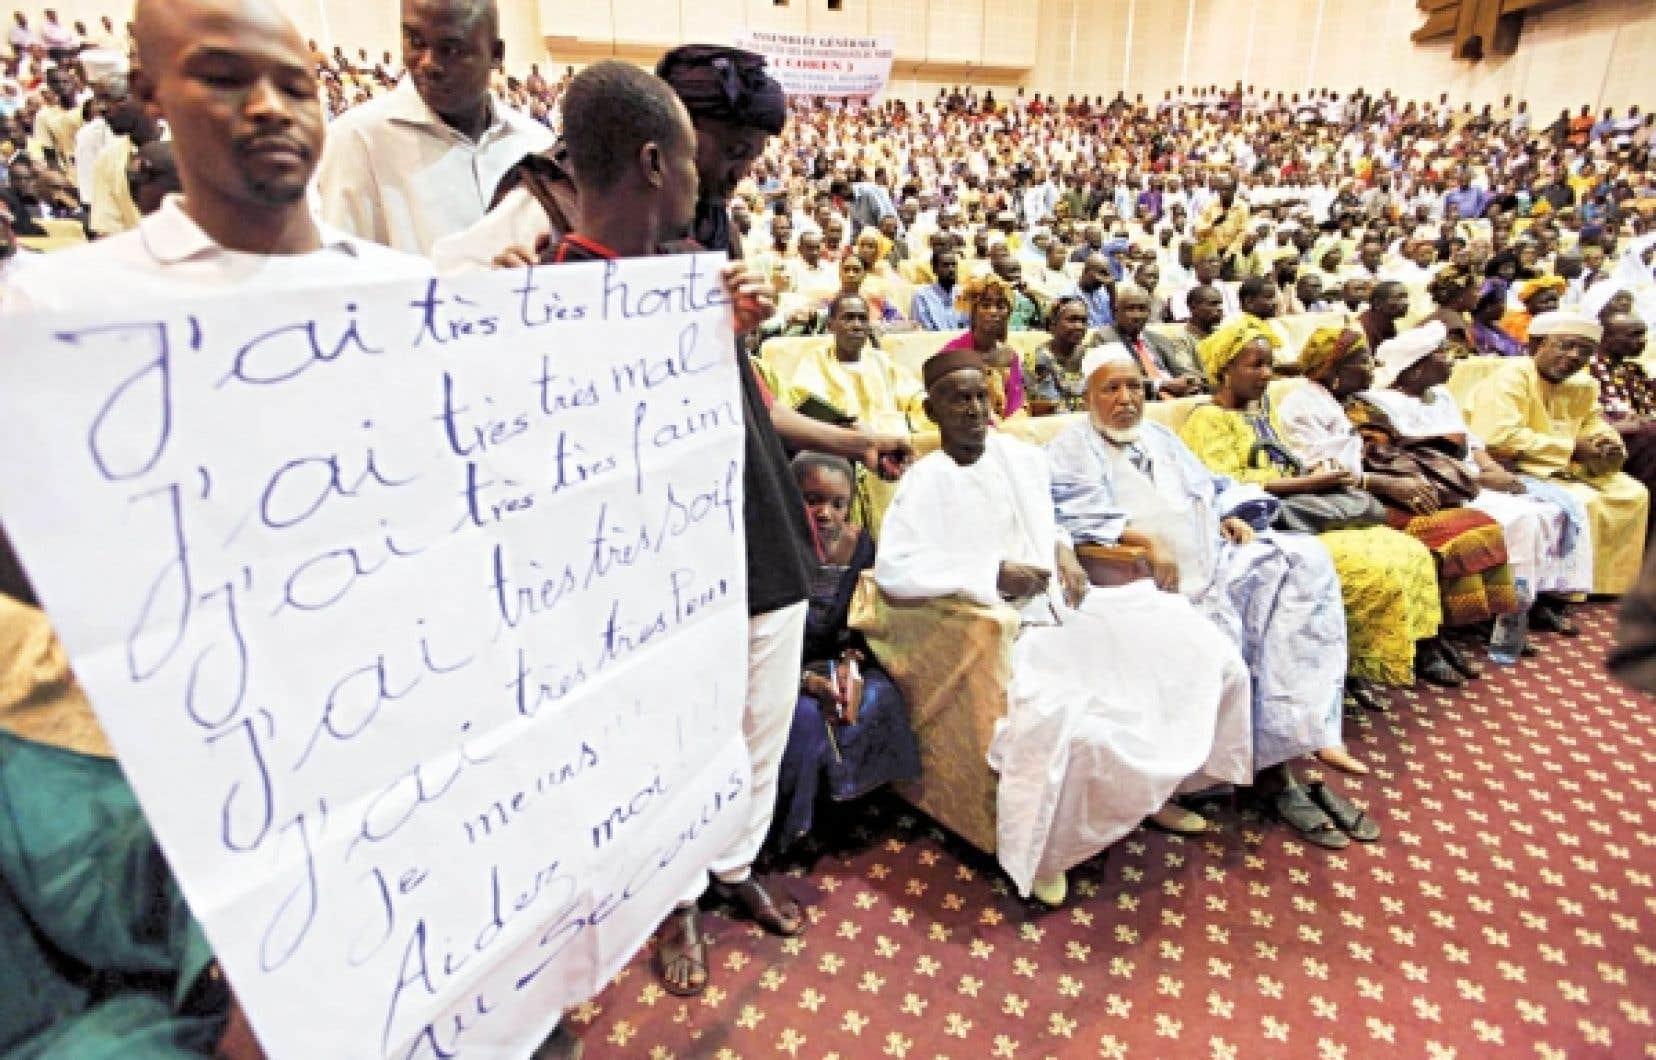 Des Maliens originaires du nord du pays se sont réunis hier à Bamako.